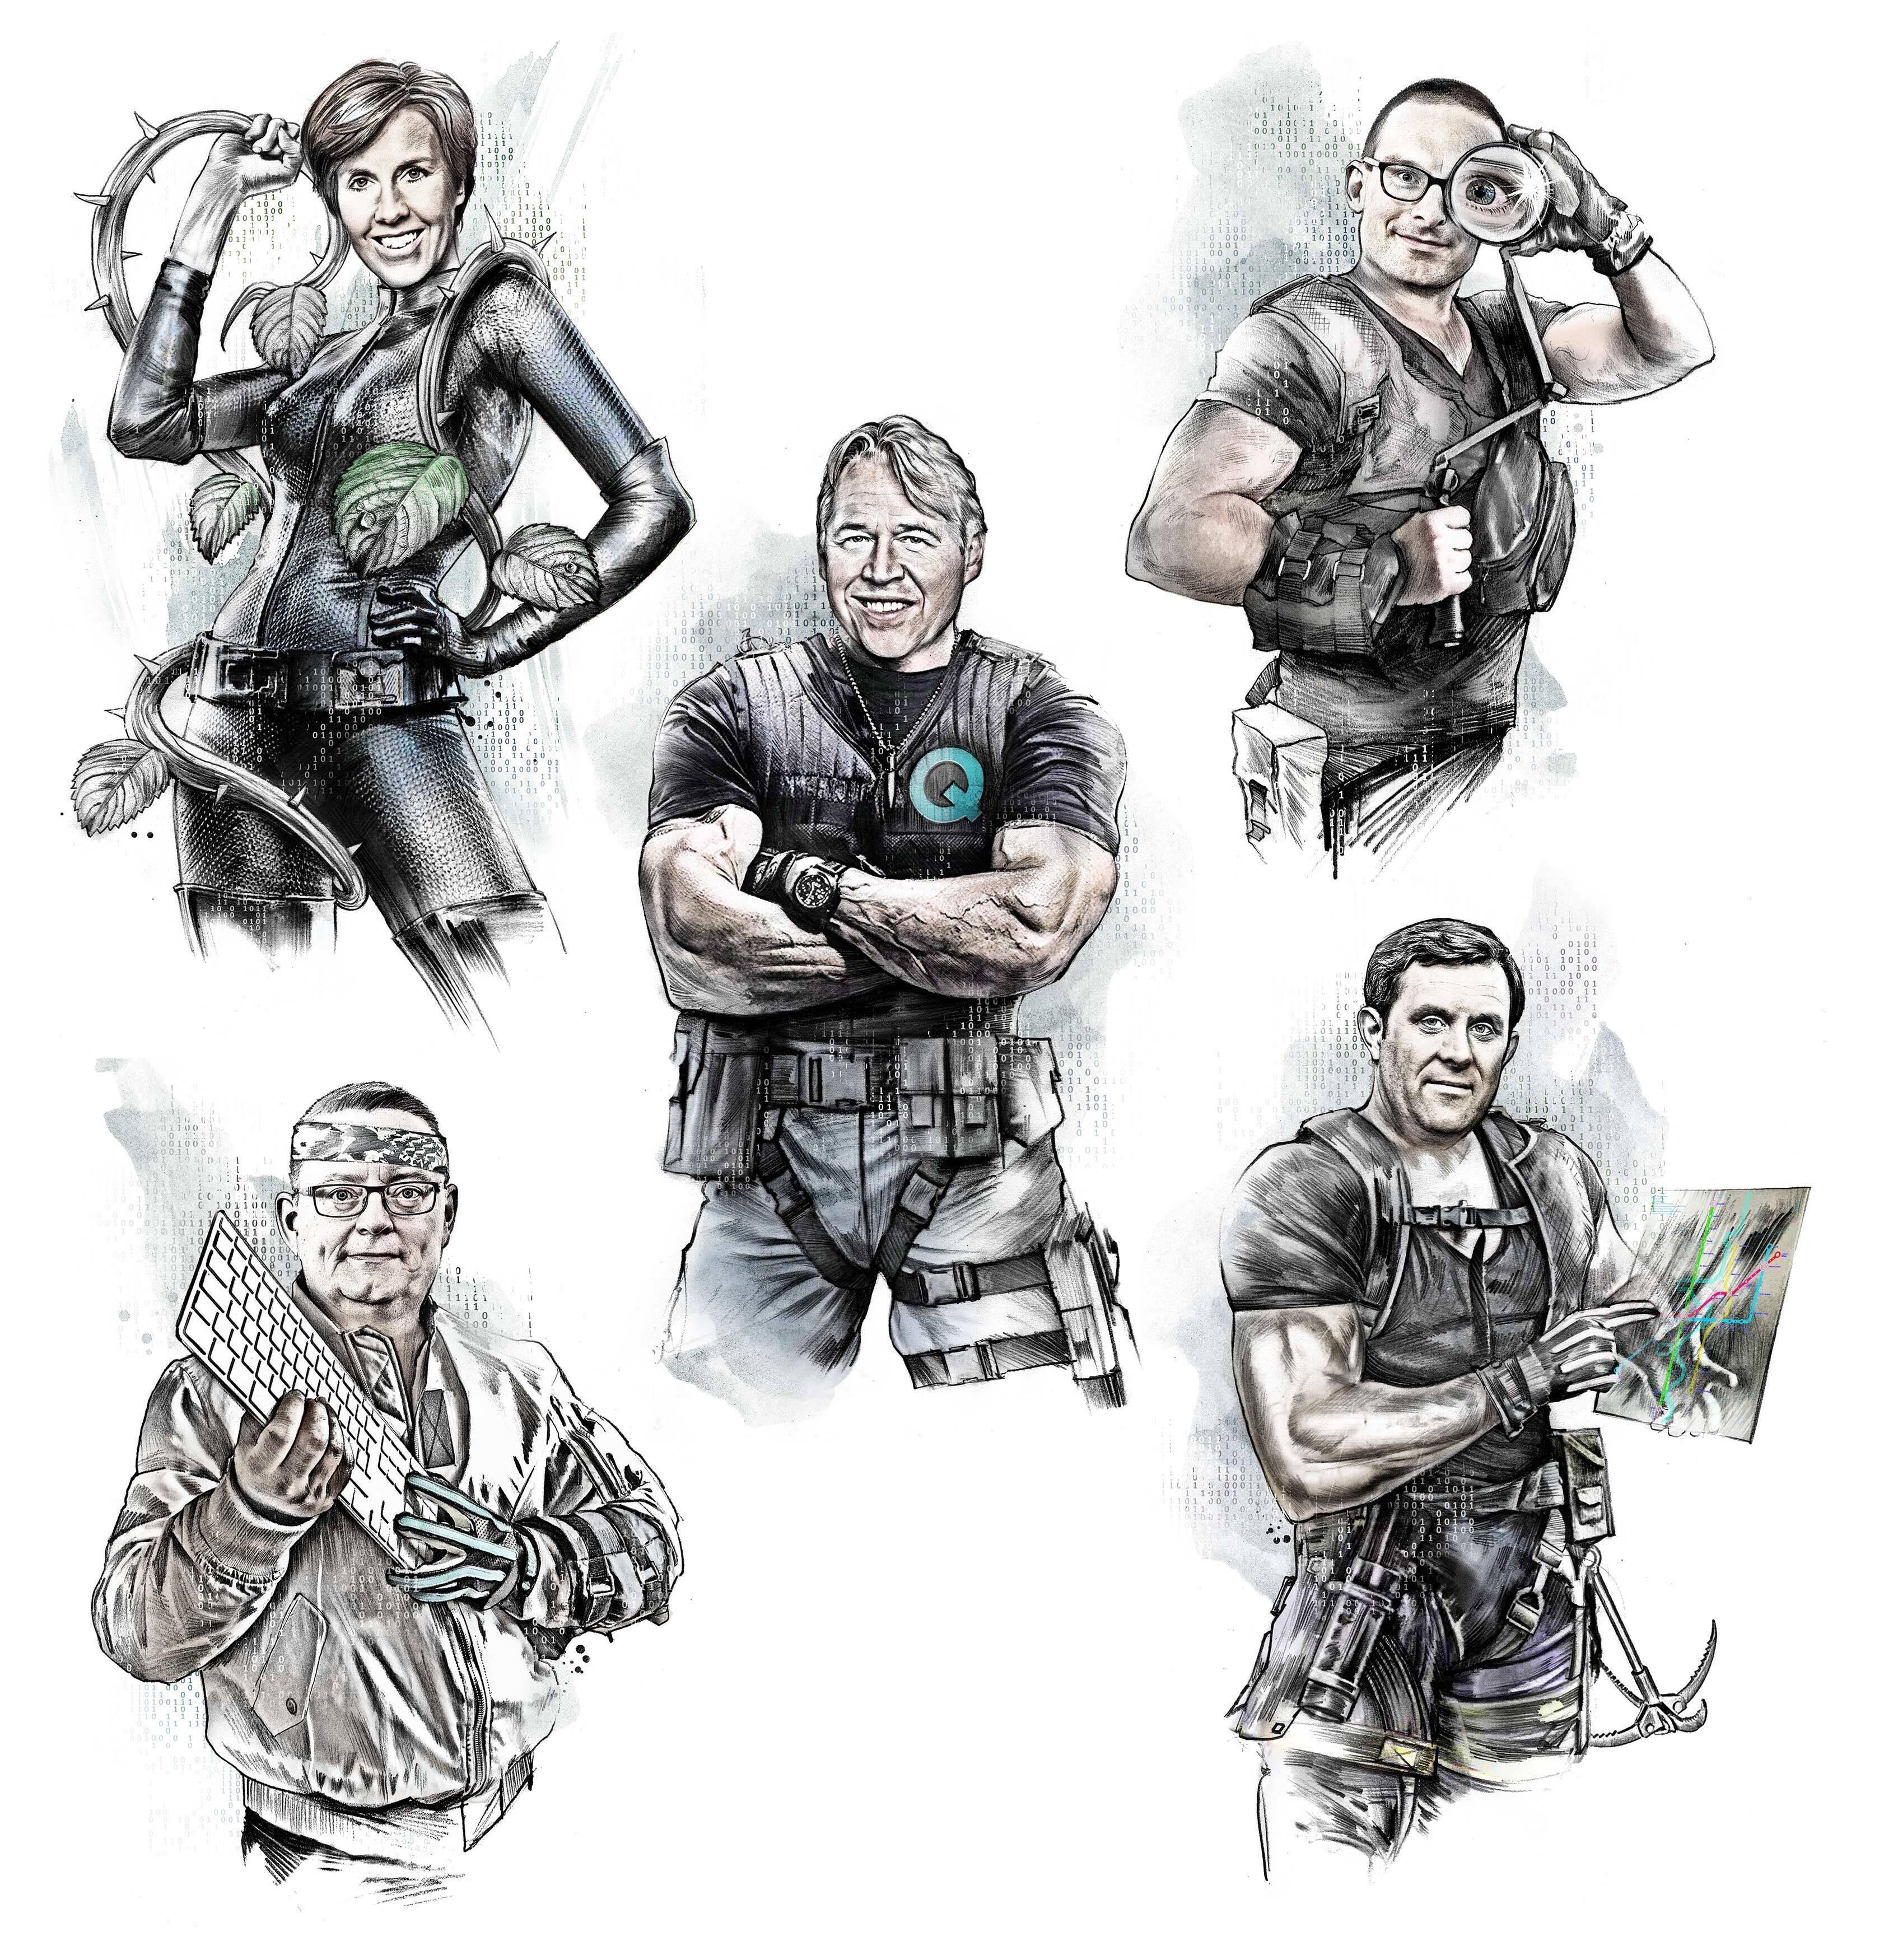 Zusammenstellung figuren q team - Kornel Illustration   Kornel Stadler portfolio